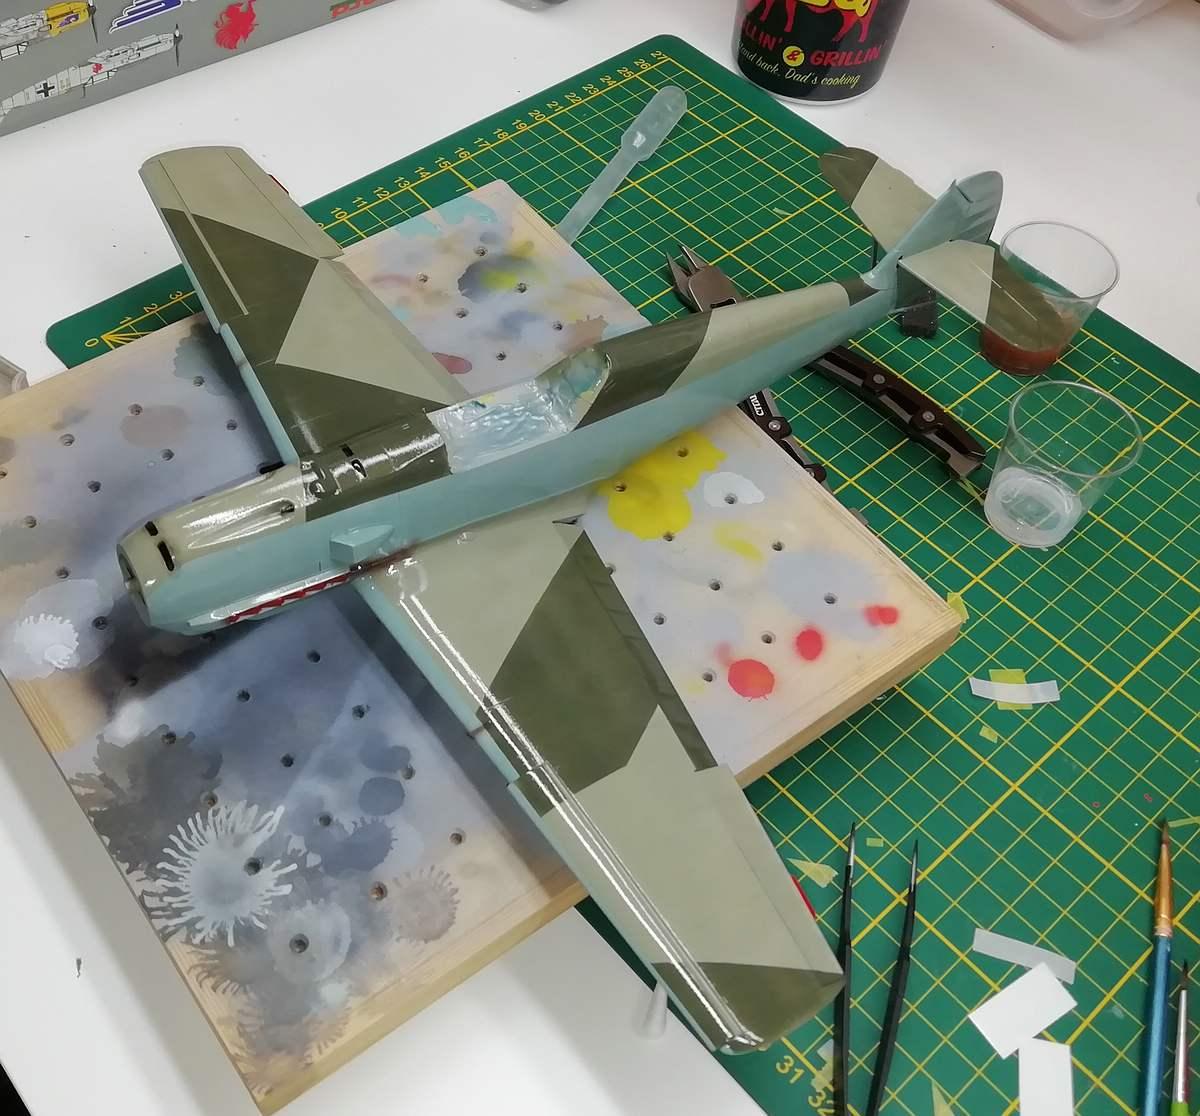 Eduard-Bf-109-E-1-Baubericht-23 Werkstattbericht: Bf 109 E-1 in 1:32 von Eduard